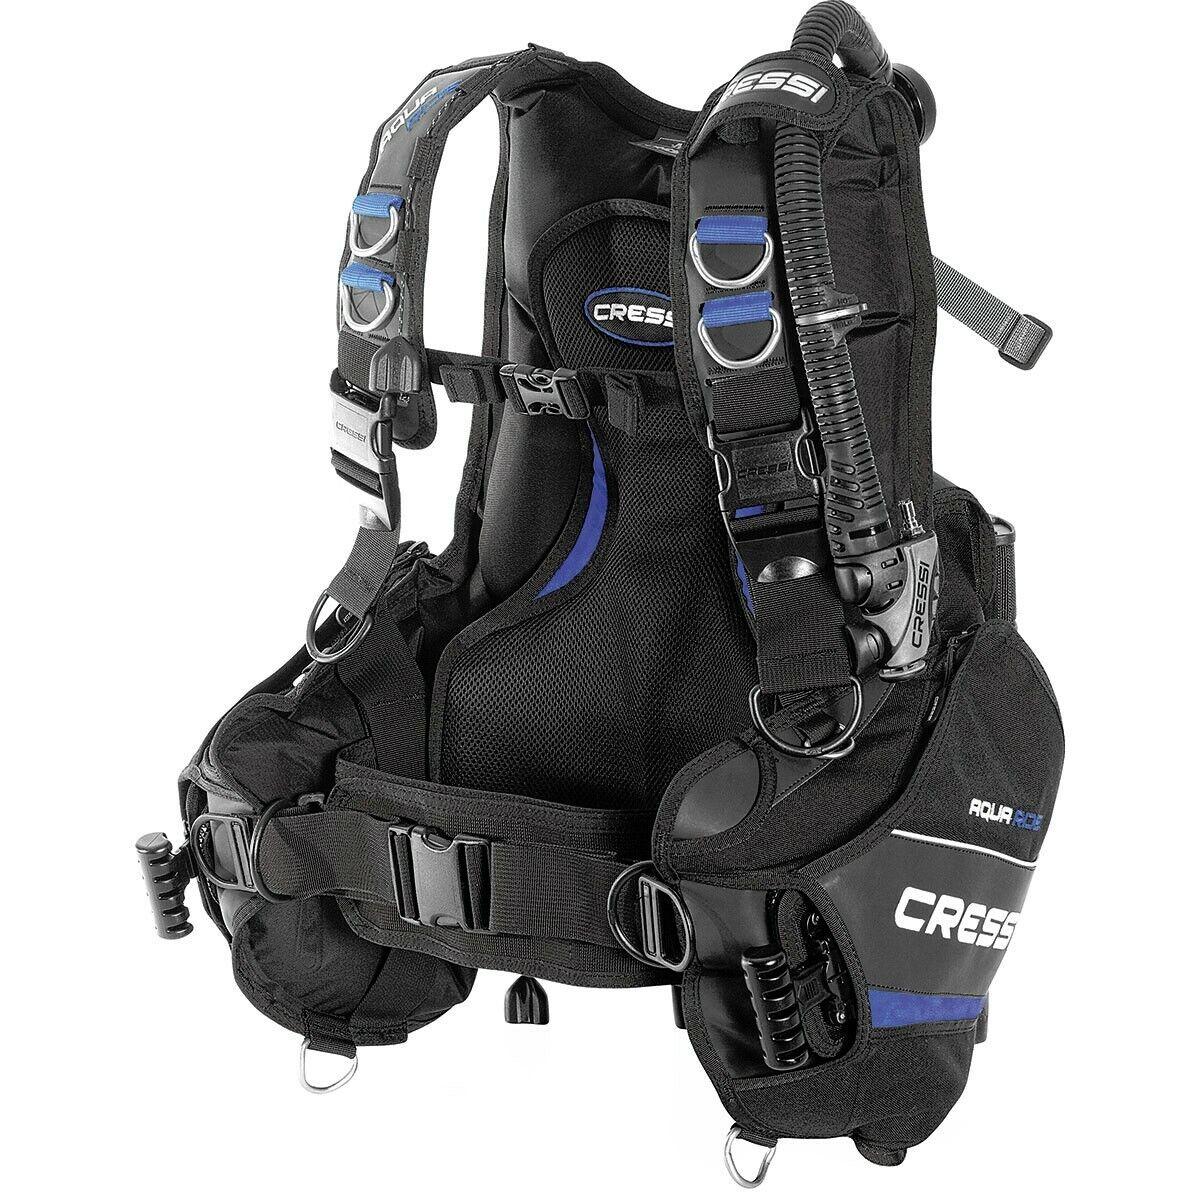 Cressi Aquaride Blau Pro Weight Integrated Scuba Diving BC Dive BCD XL X-Large